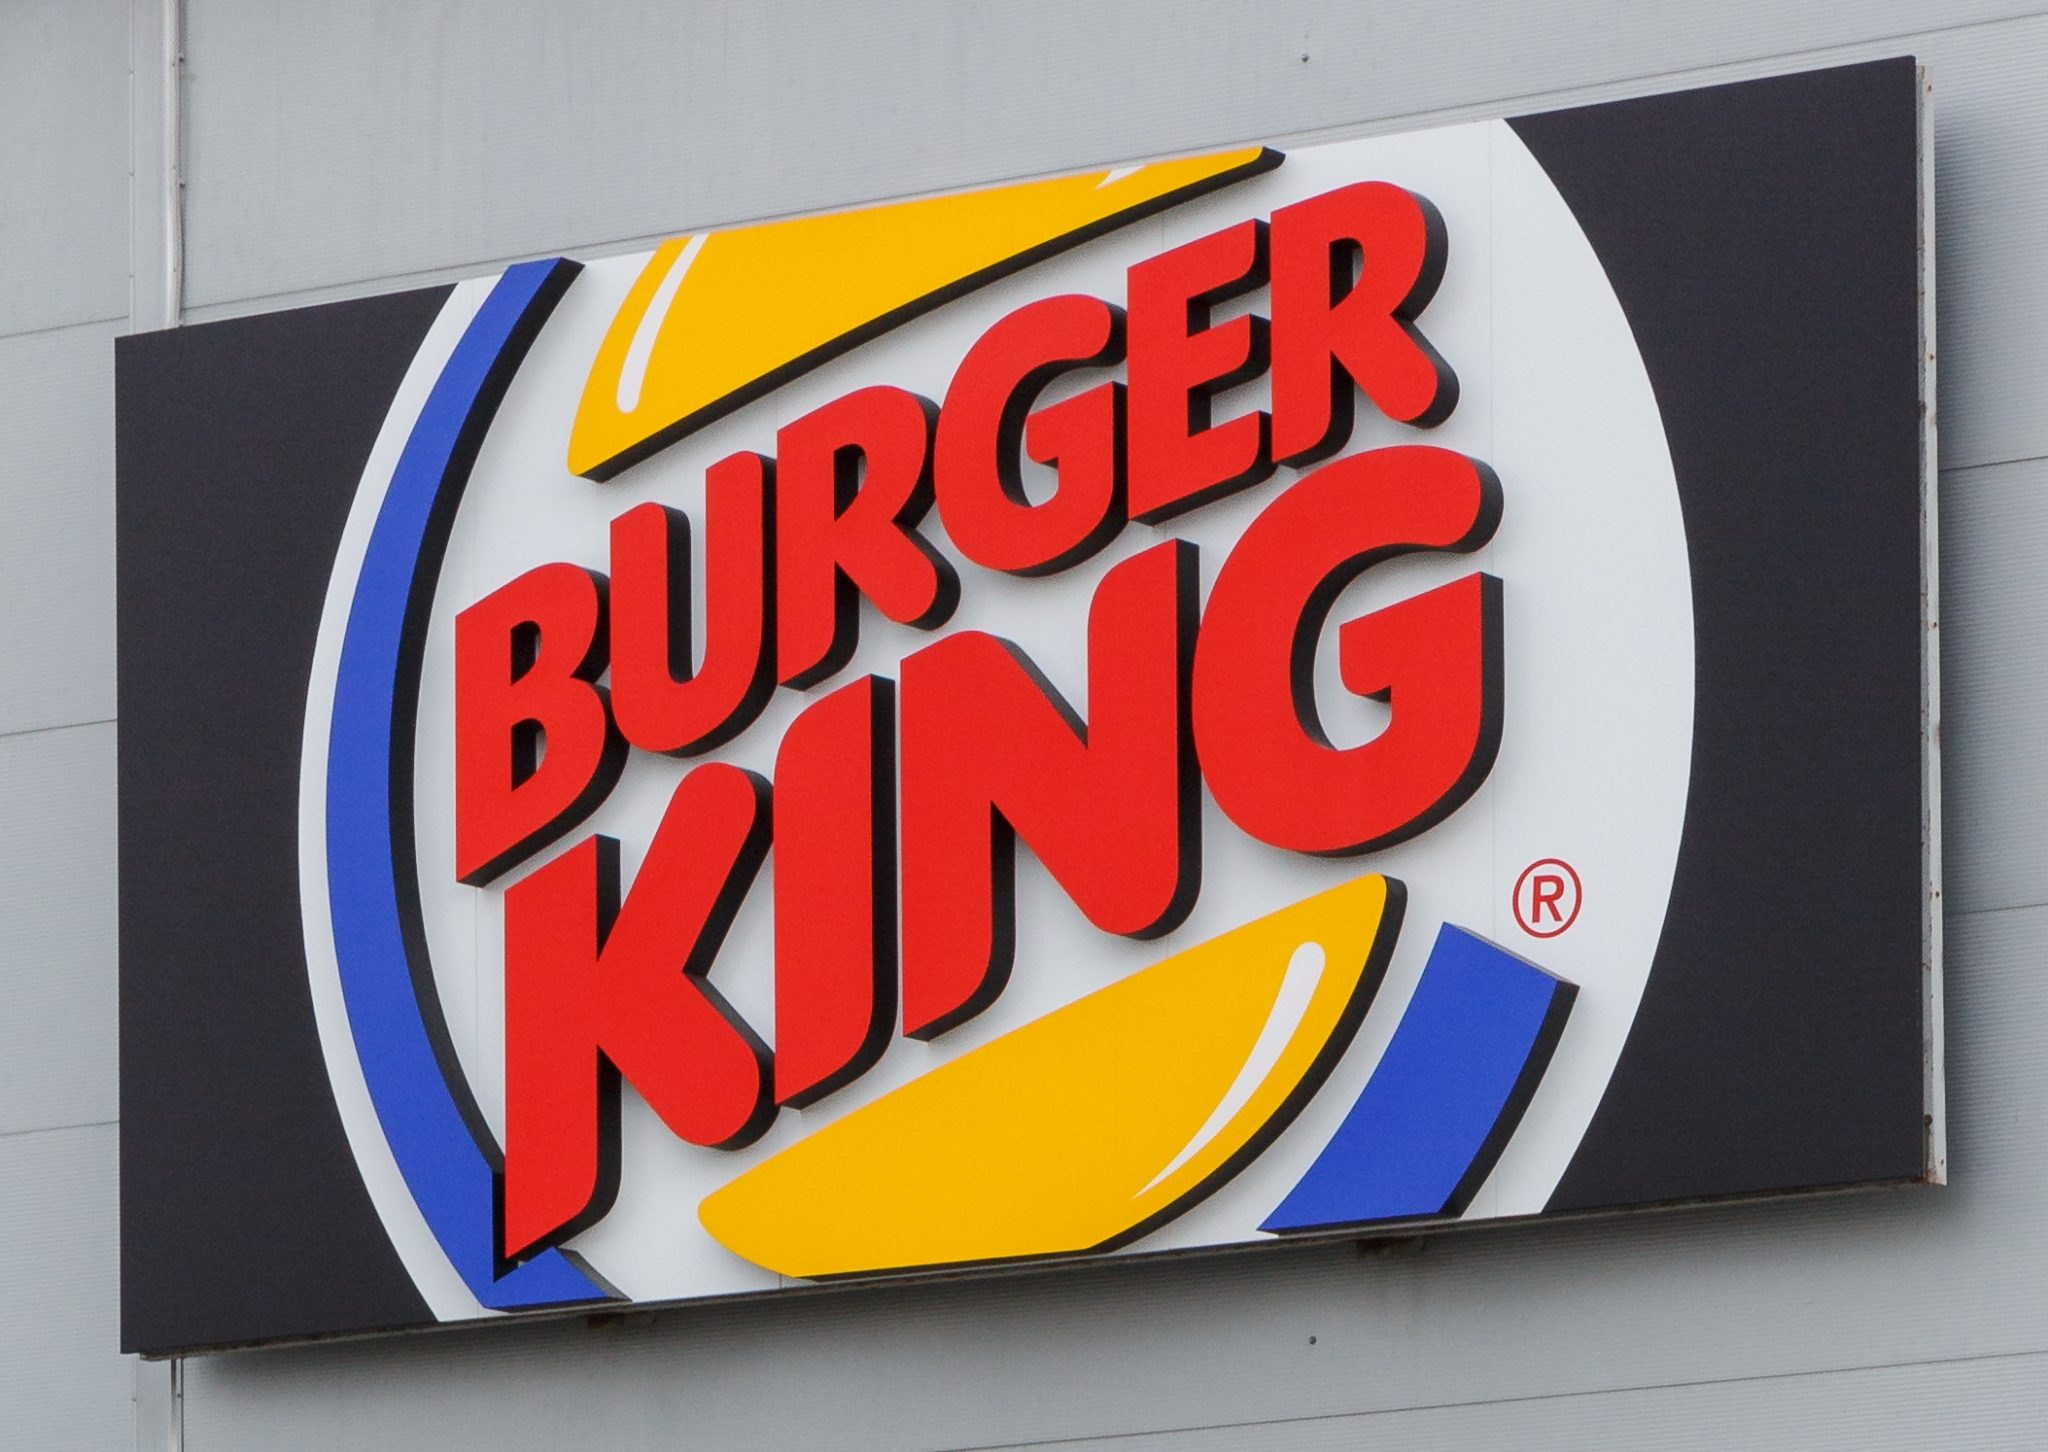 Фасадная вывеска Burger King